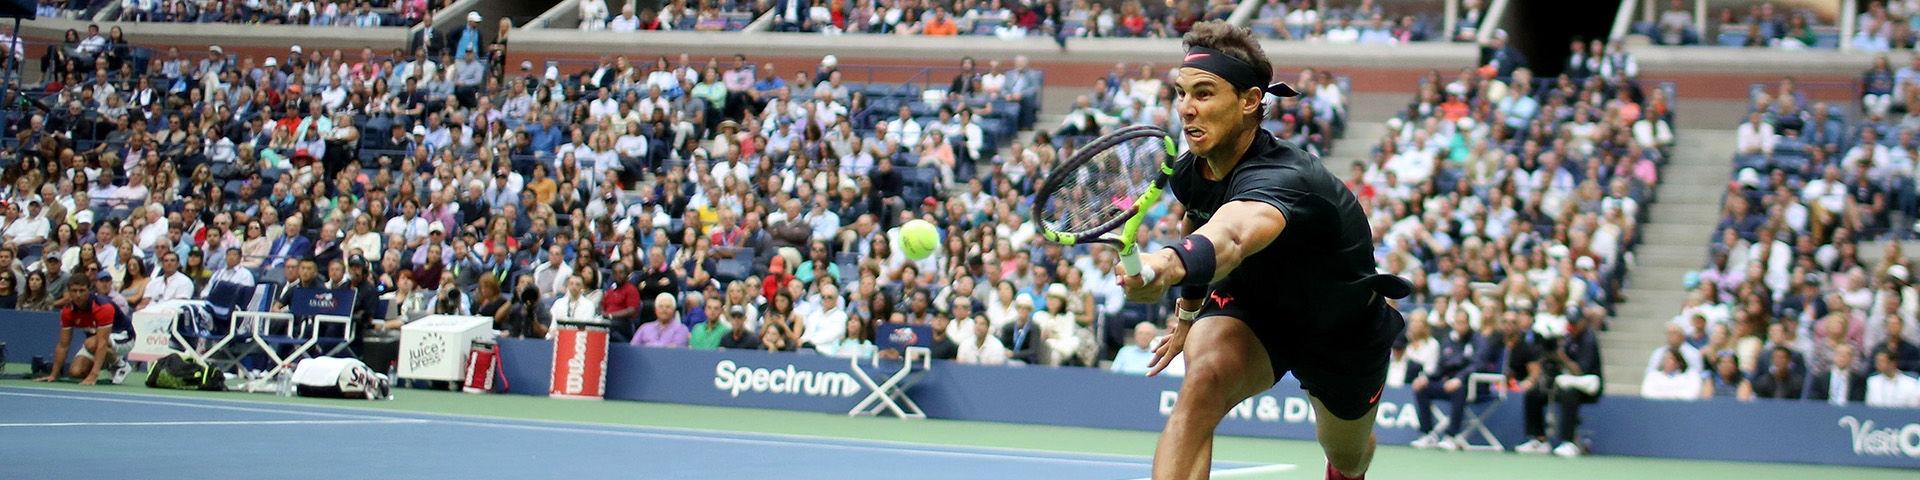 БК «Марафон»: фрибет до 30 000 рублей за ставку на теннис